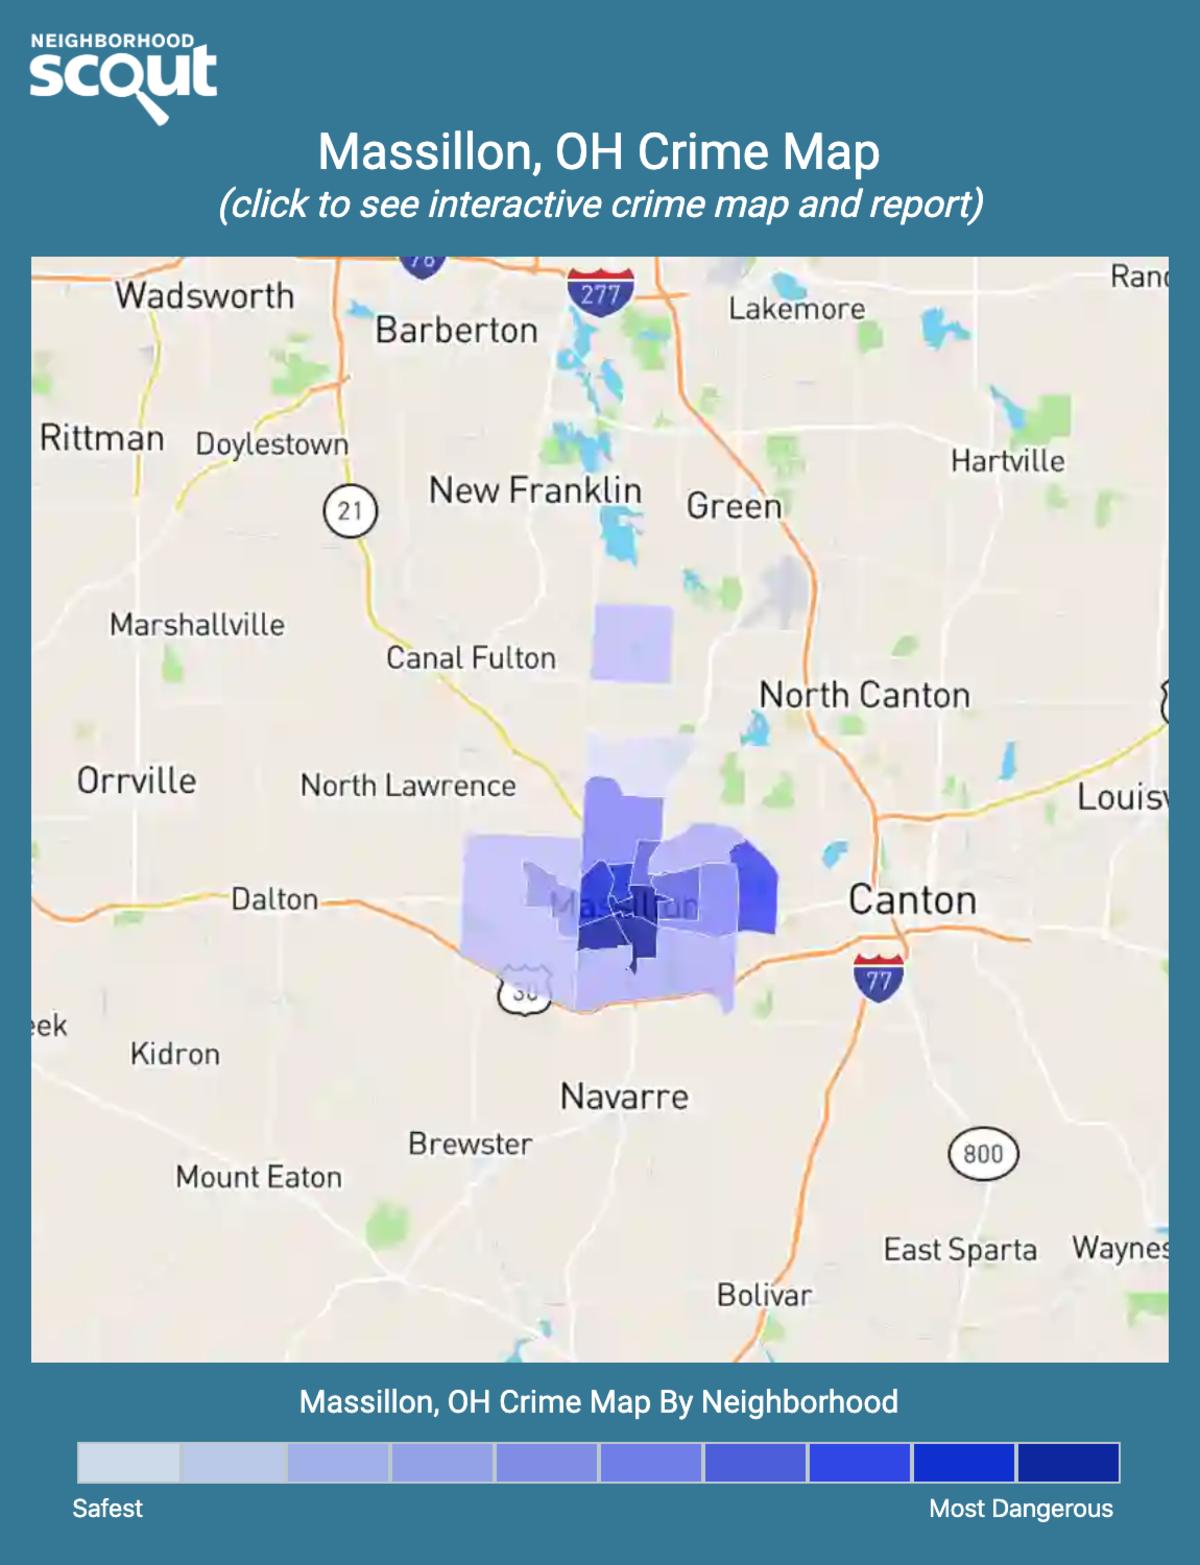 Massillon, Ohio crime map